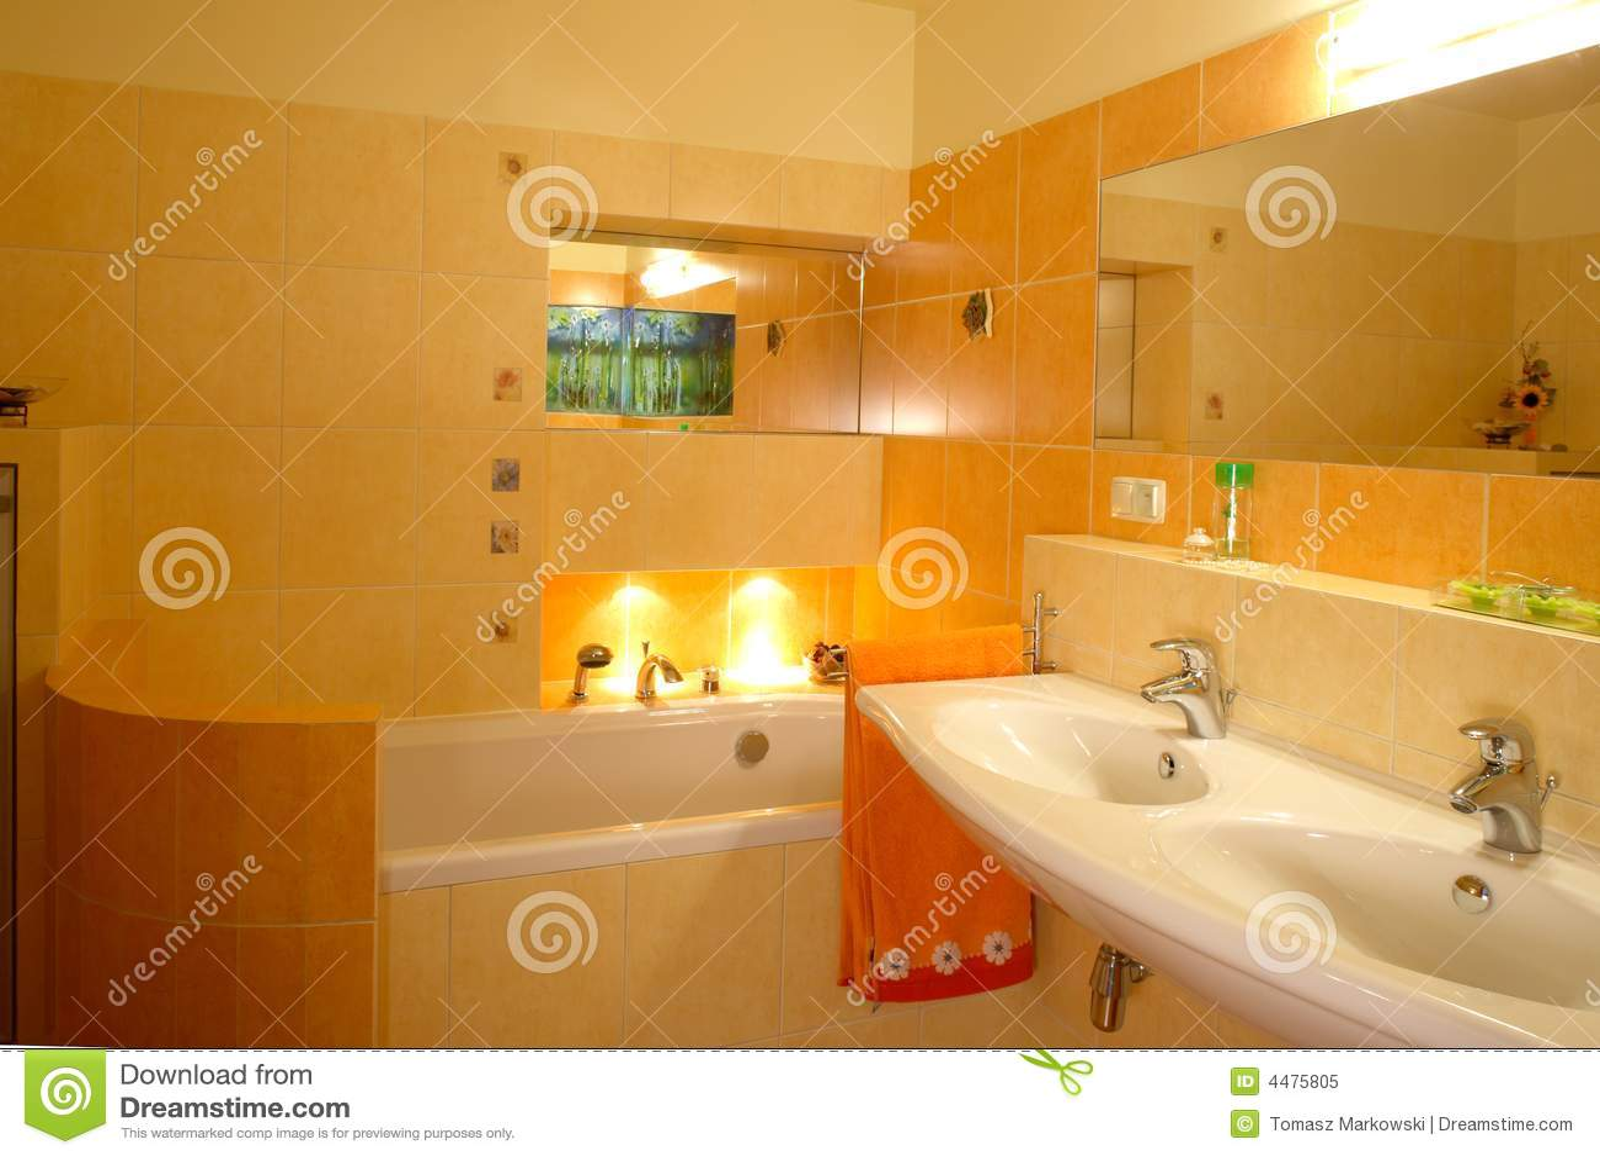 Interiore arancione della stanza da bagno immagine stock immagine